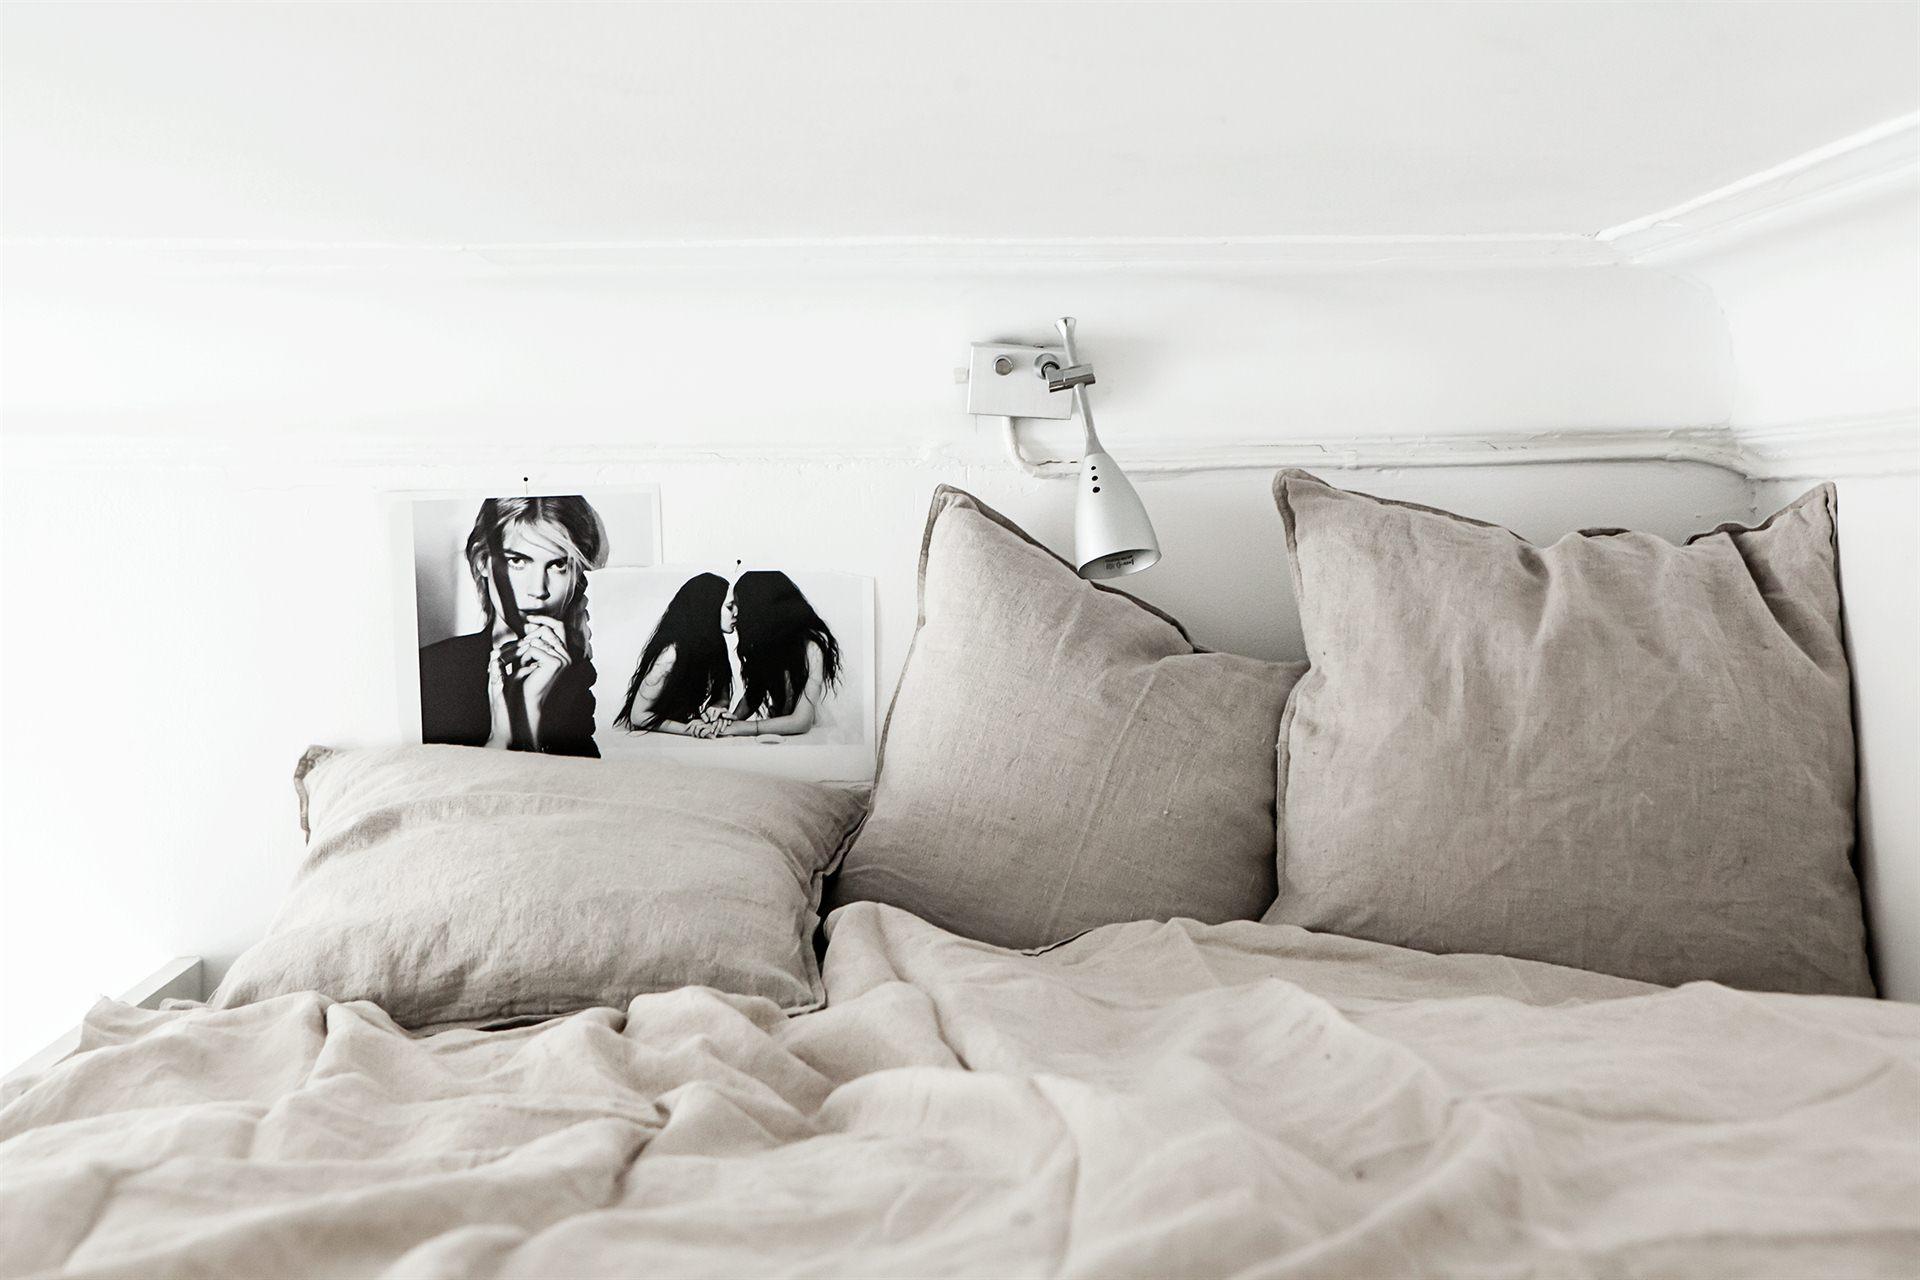 Fantastic_Frank_photo_Anna_Malmberg_bed